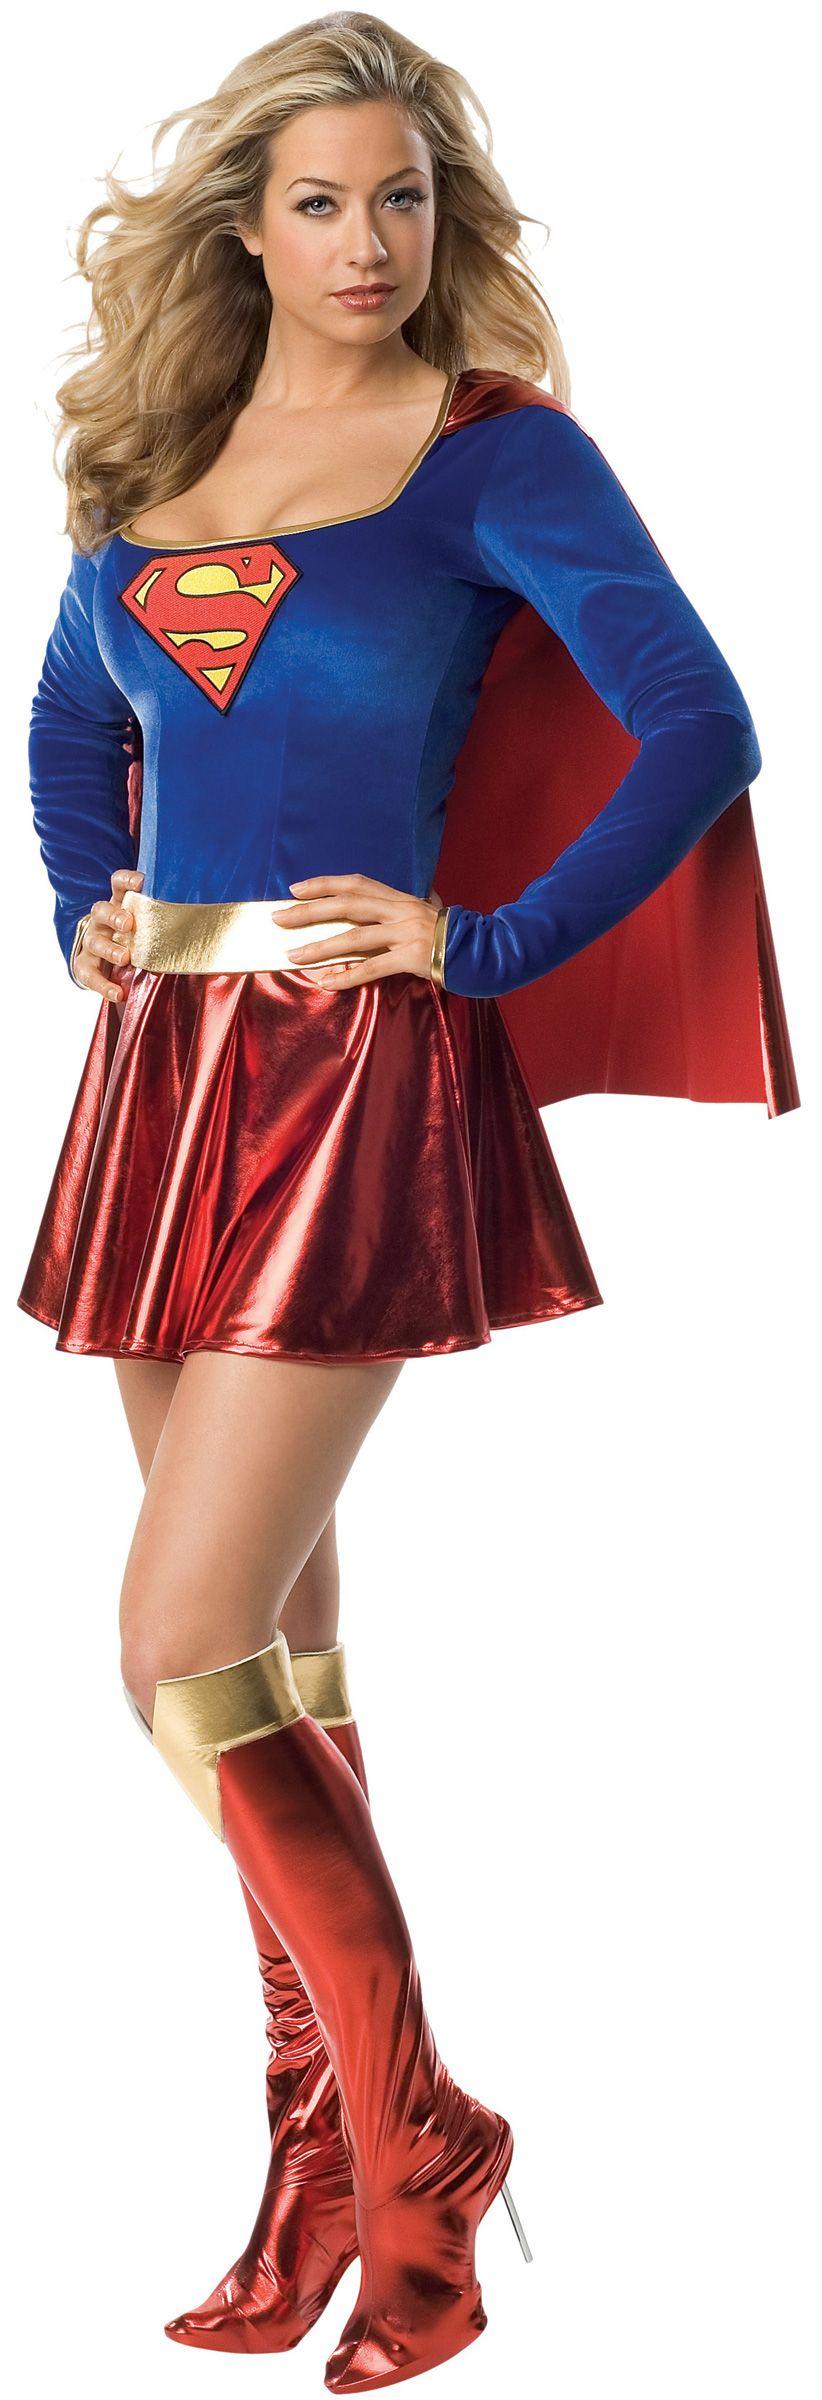 b585acbdbcd12b Déguisement luxe Supergirl™ femme sexy   Deguise-toi, achat de Déguisements  adultes